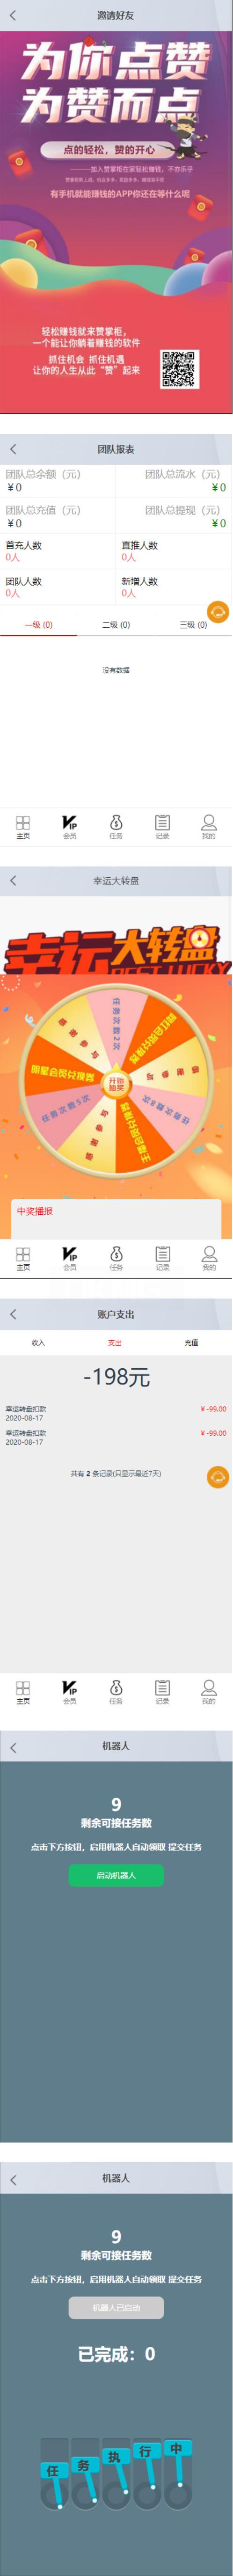 新版全新UI抖音短视频点赞任务系统源码